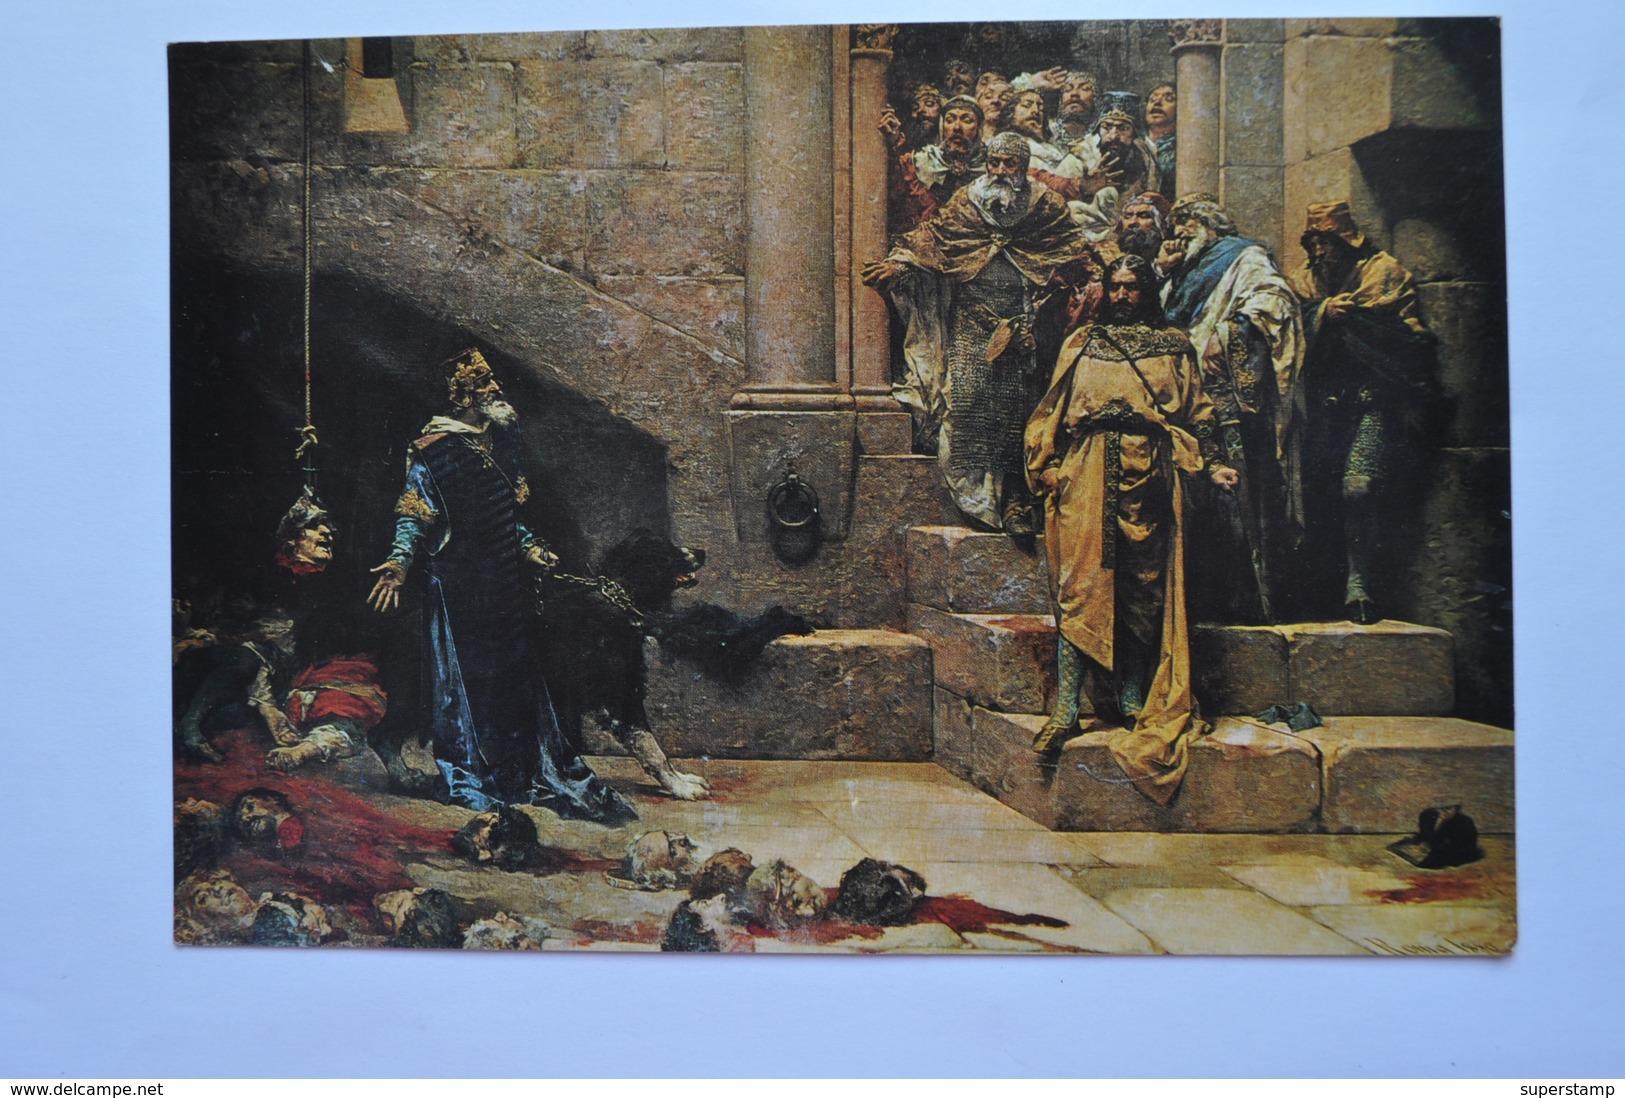 SPAIN HUESCA. AYUNTAMIENTO. RAMIRO II EL MONJE Y LA CAMPANA DE HUESCA. CUADRO DE CASADO DEL ALISAL.  647a - Huesca